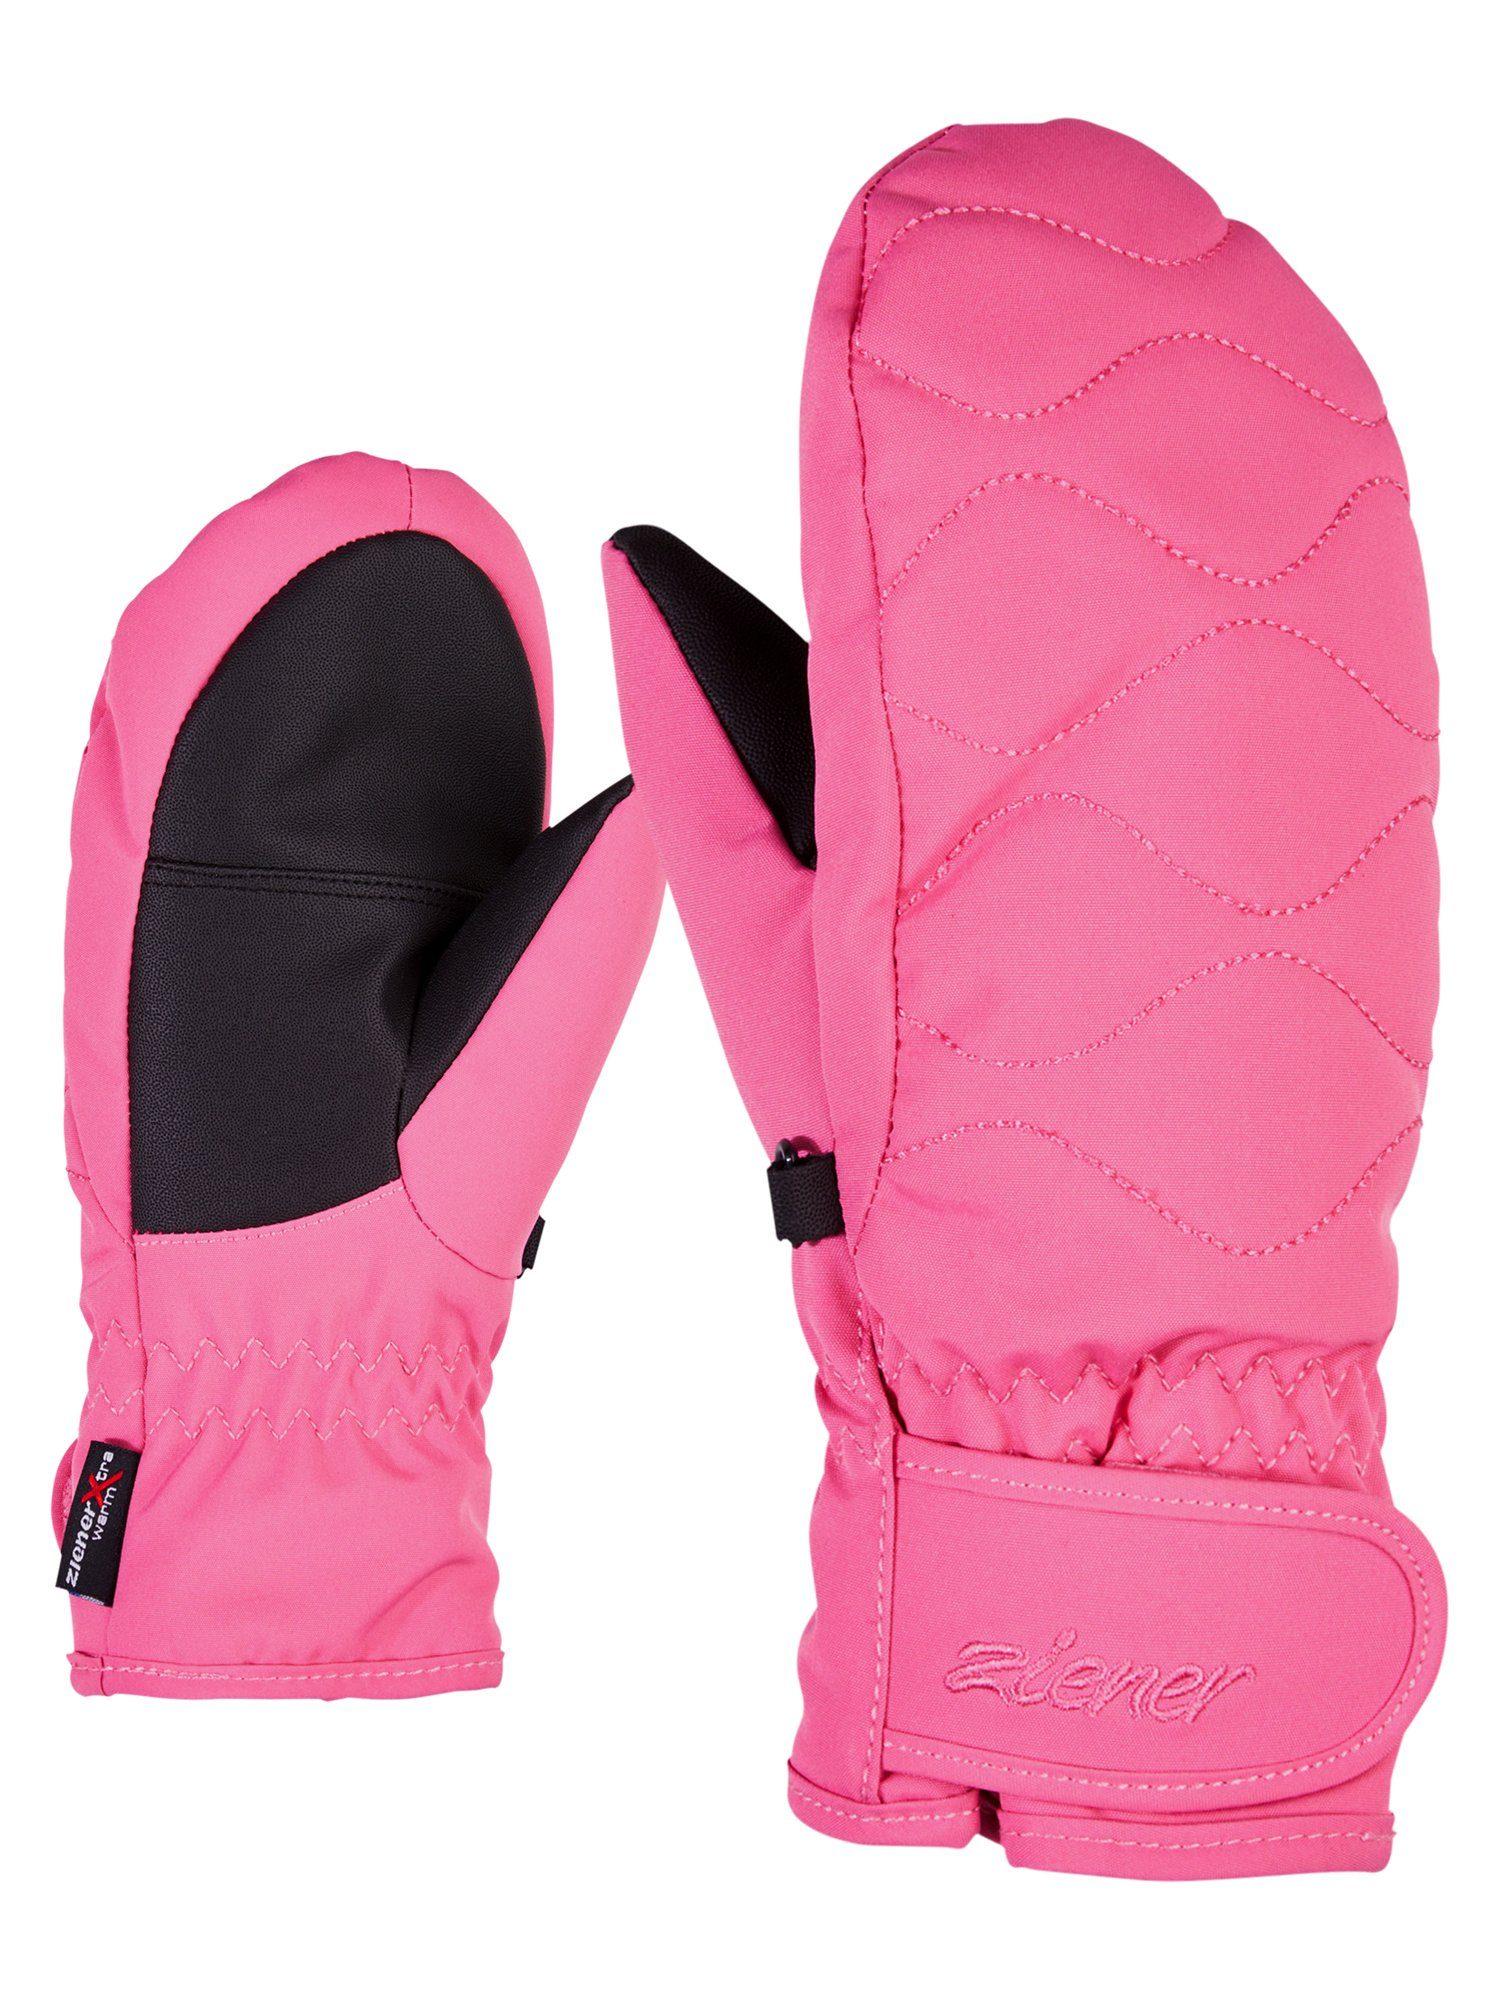 Ziener Mädchen Skihandschuhe LULANA AS® Mitten Girls Glove Junior Fäustlinge